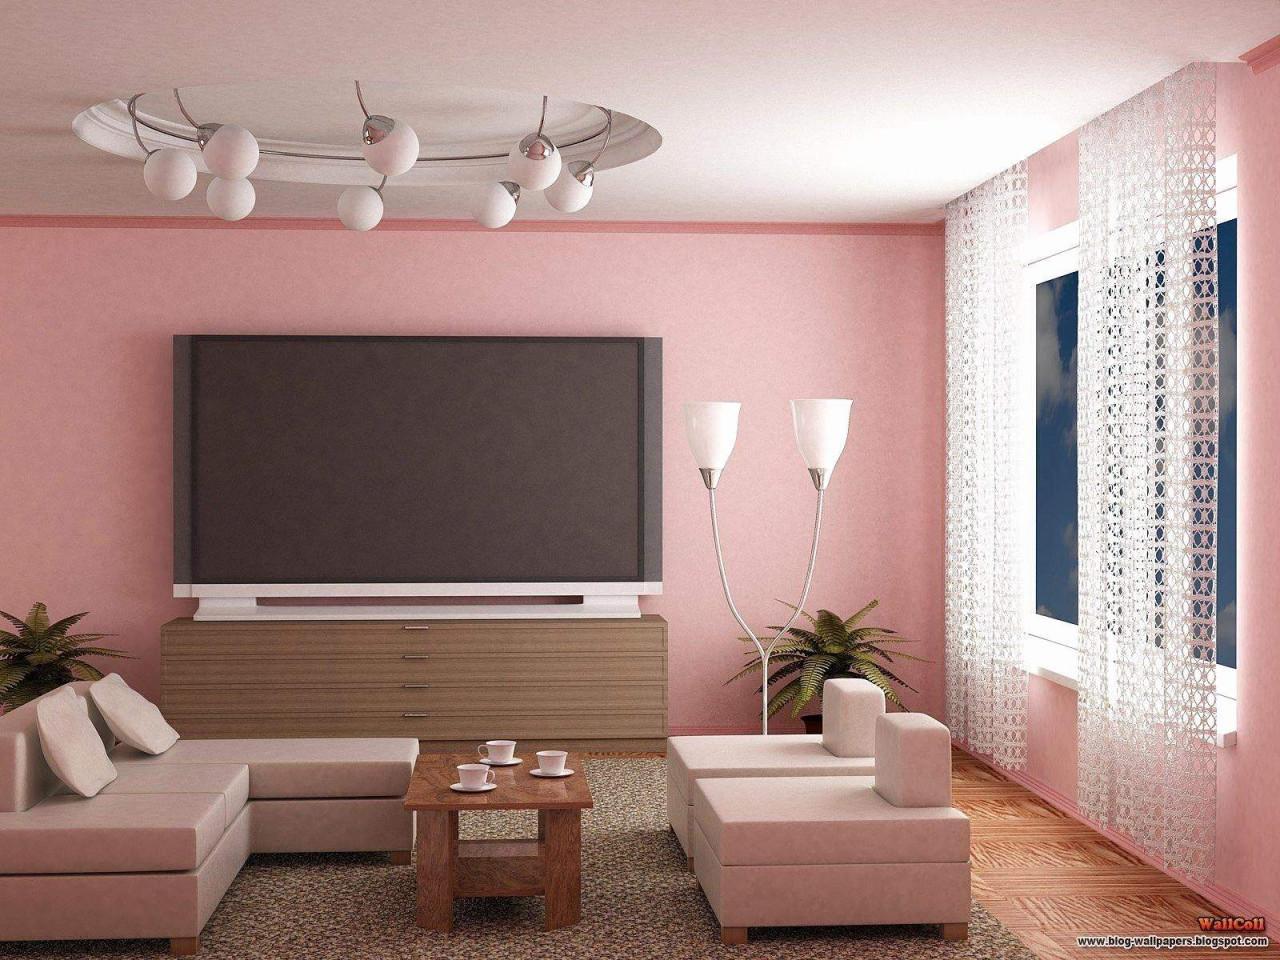 29 Genial Wohnzimmer Ideen Wandgestaltung Stein Das Beste von Ideen Wandgestaltung Wohnzimmer Bild